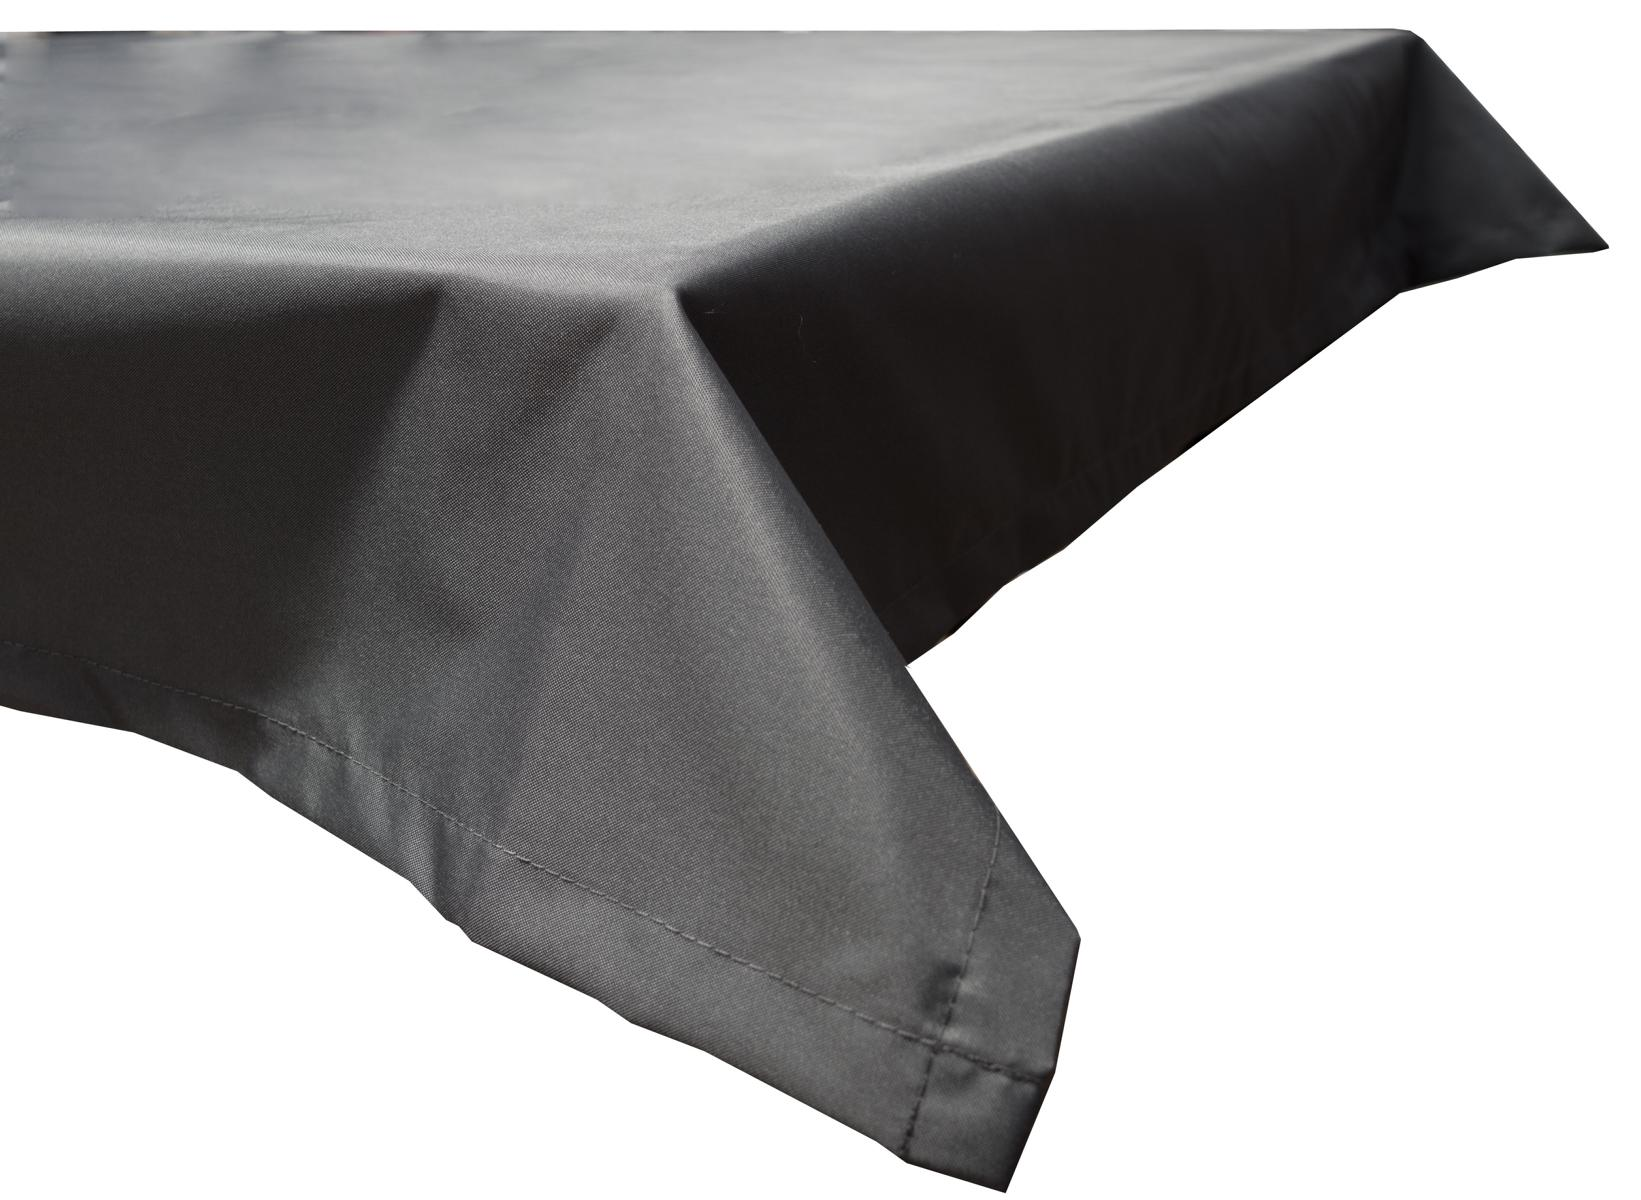 130x180 cm wasserabweisende Tischdecke 100% Polyester in anthrazit